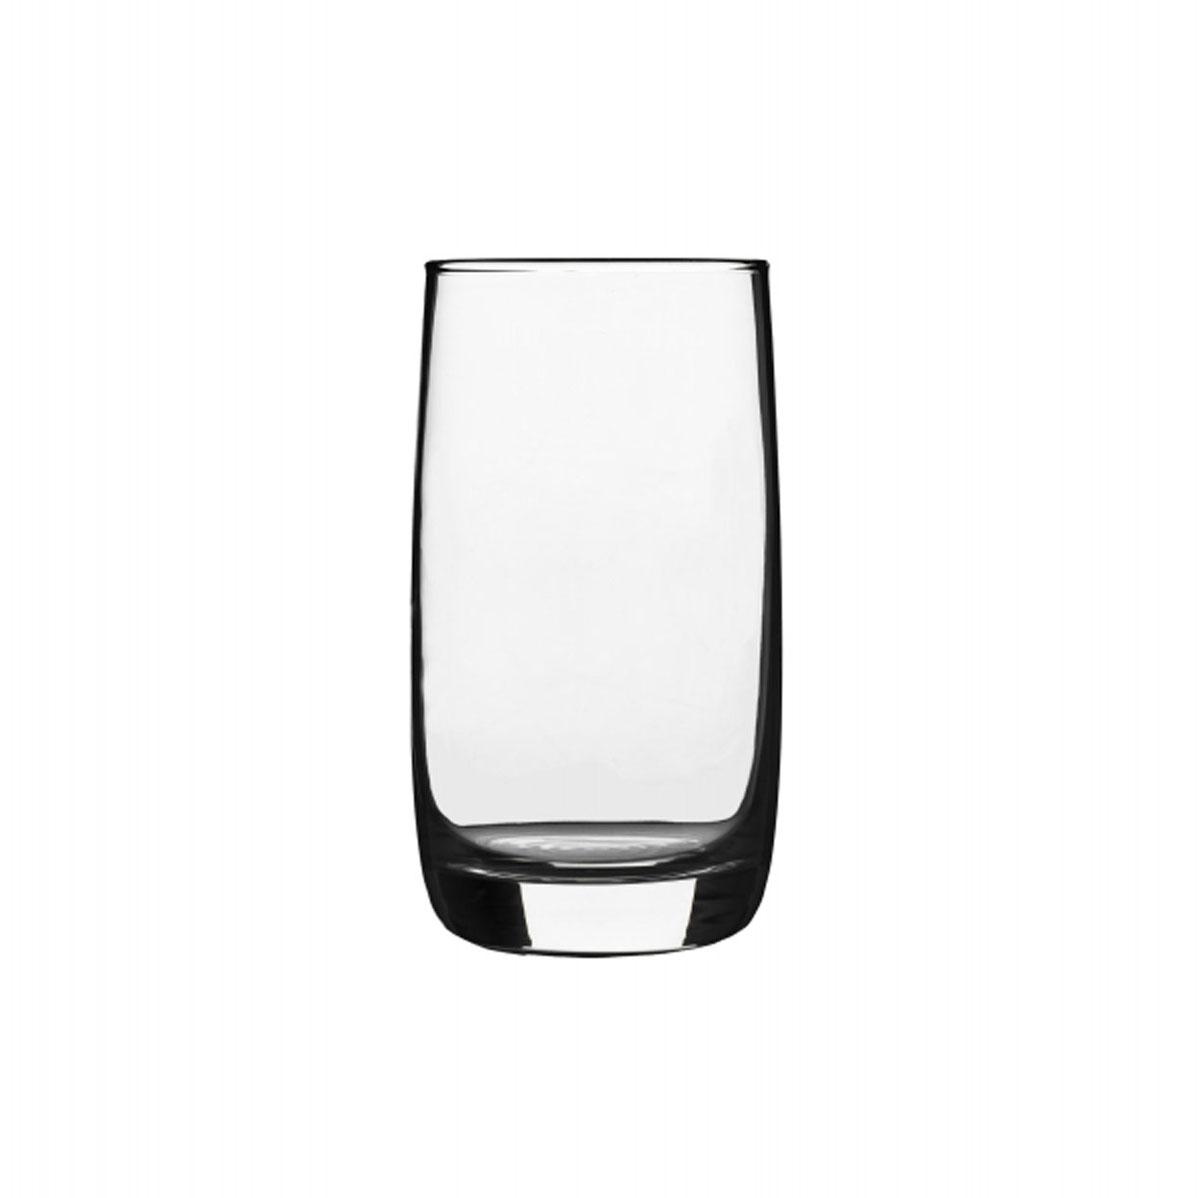 Набор стаканов Luminarc Французский ресторанчик, 330 мл, 6 штH9369Набор Luminarc Французский ресторанчик состоит из 6 высоких стаканов, выполненных из высококачественного стекла. Изделия подходят для сока, воды, лимонада и других напитков. Такой набор станет прекрасным дополнением сервировки стола, подойдет для ежедневного использования и для торжественных случаев. Можно мыть в посудомоечной машине.Объем стакана: 330 мл.Диаметр стакана: 6,4 см.Высота стакана: 12,5 см.